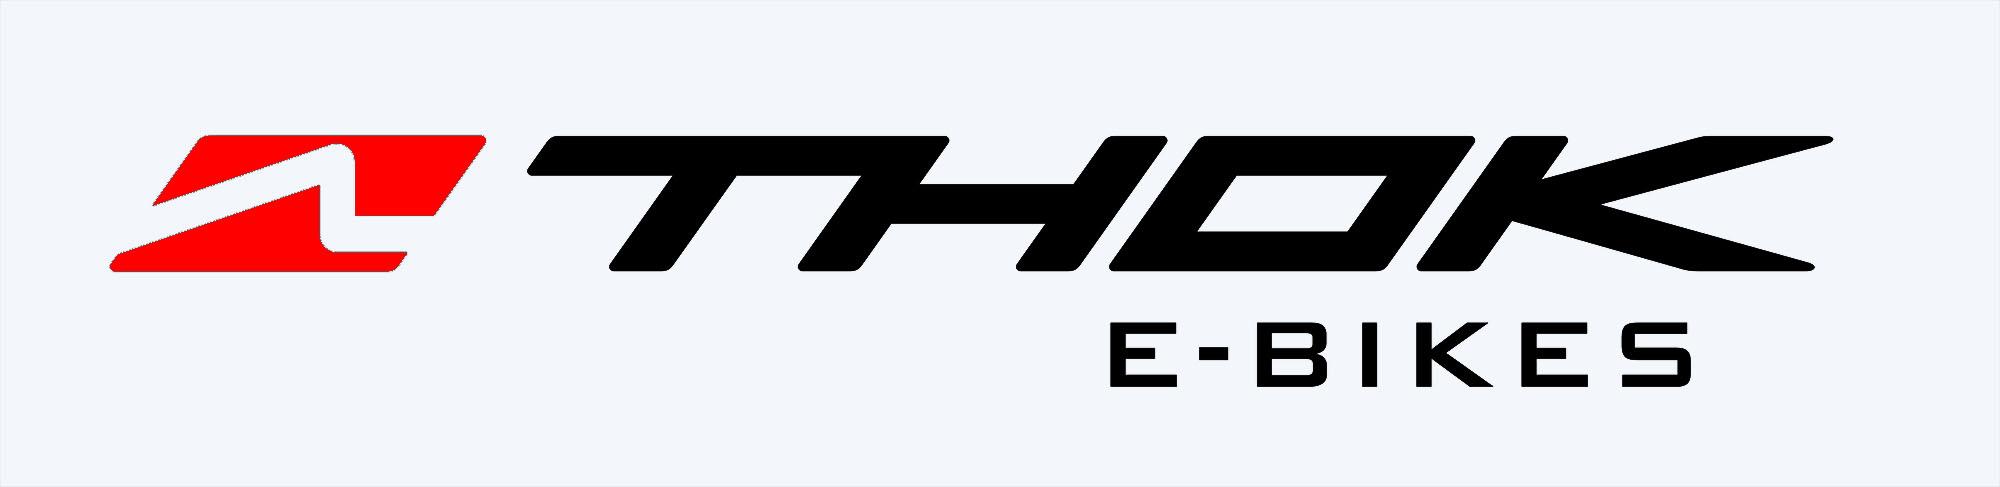 THOK-logo.jpg